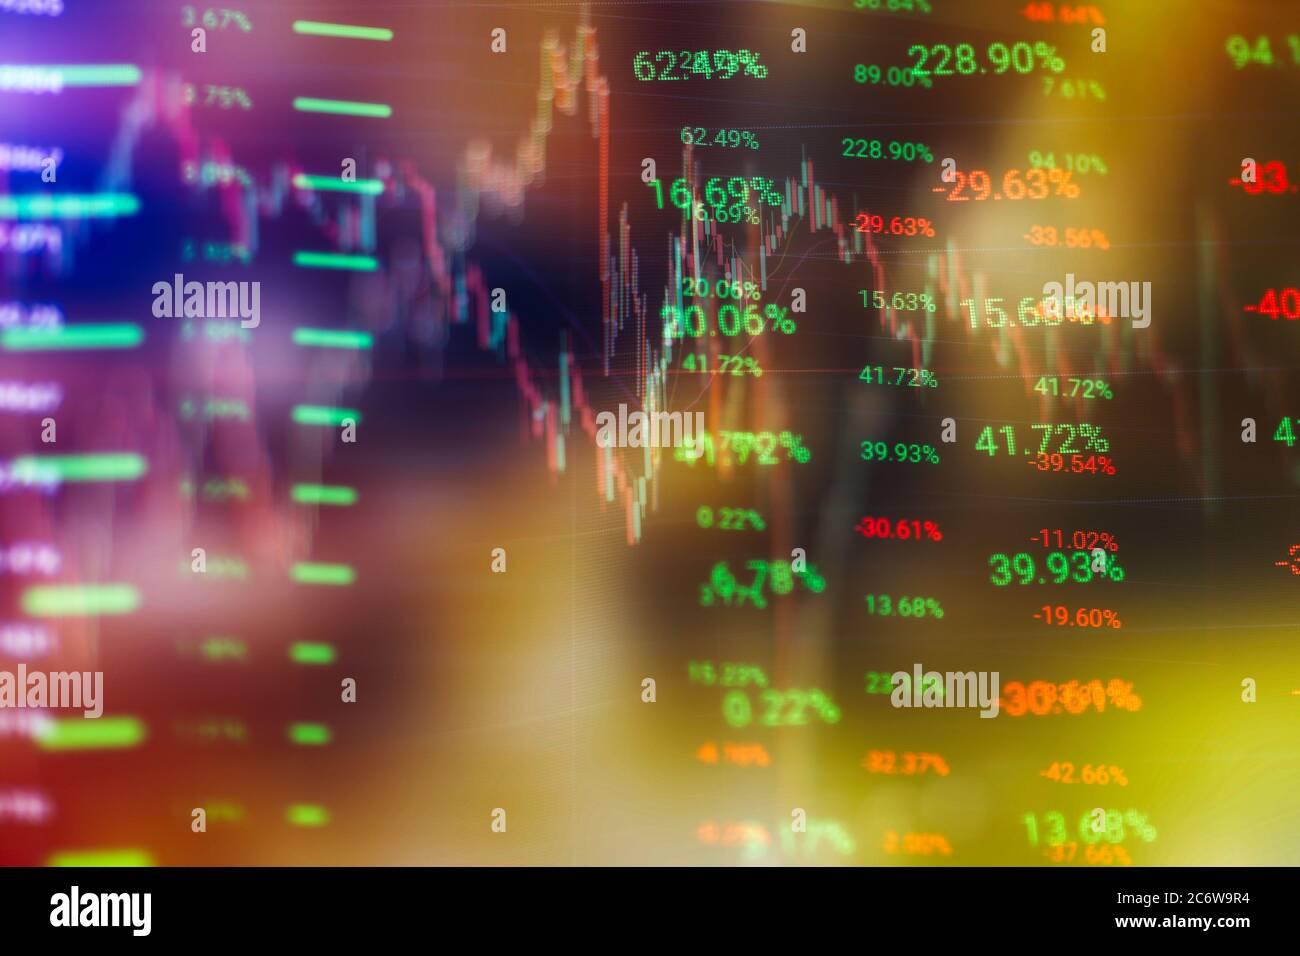 Concepto de mercado de valores y fintech. Gráficos digitales en azul borroso sobre fondo azul oscuro. Interfaz financiera futurista. Foto de stock